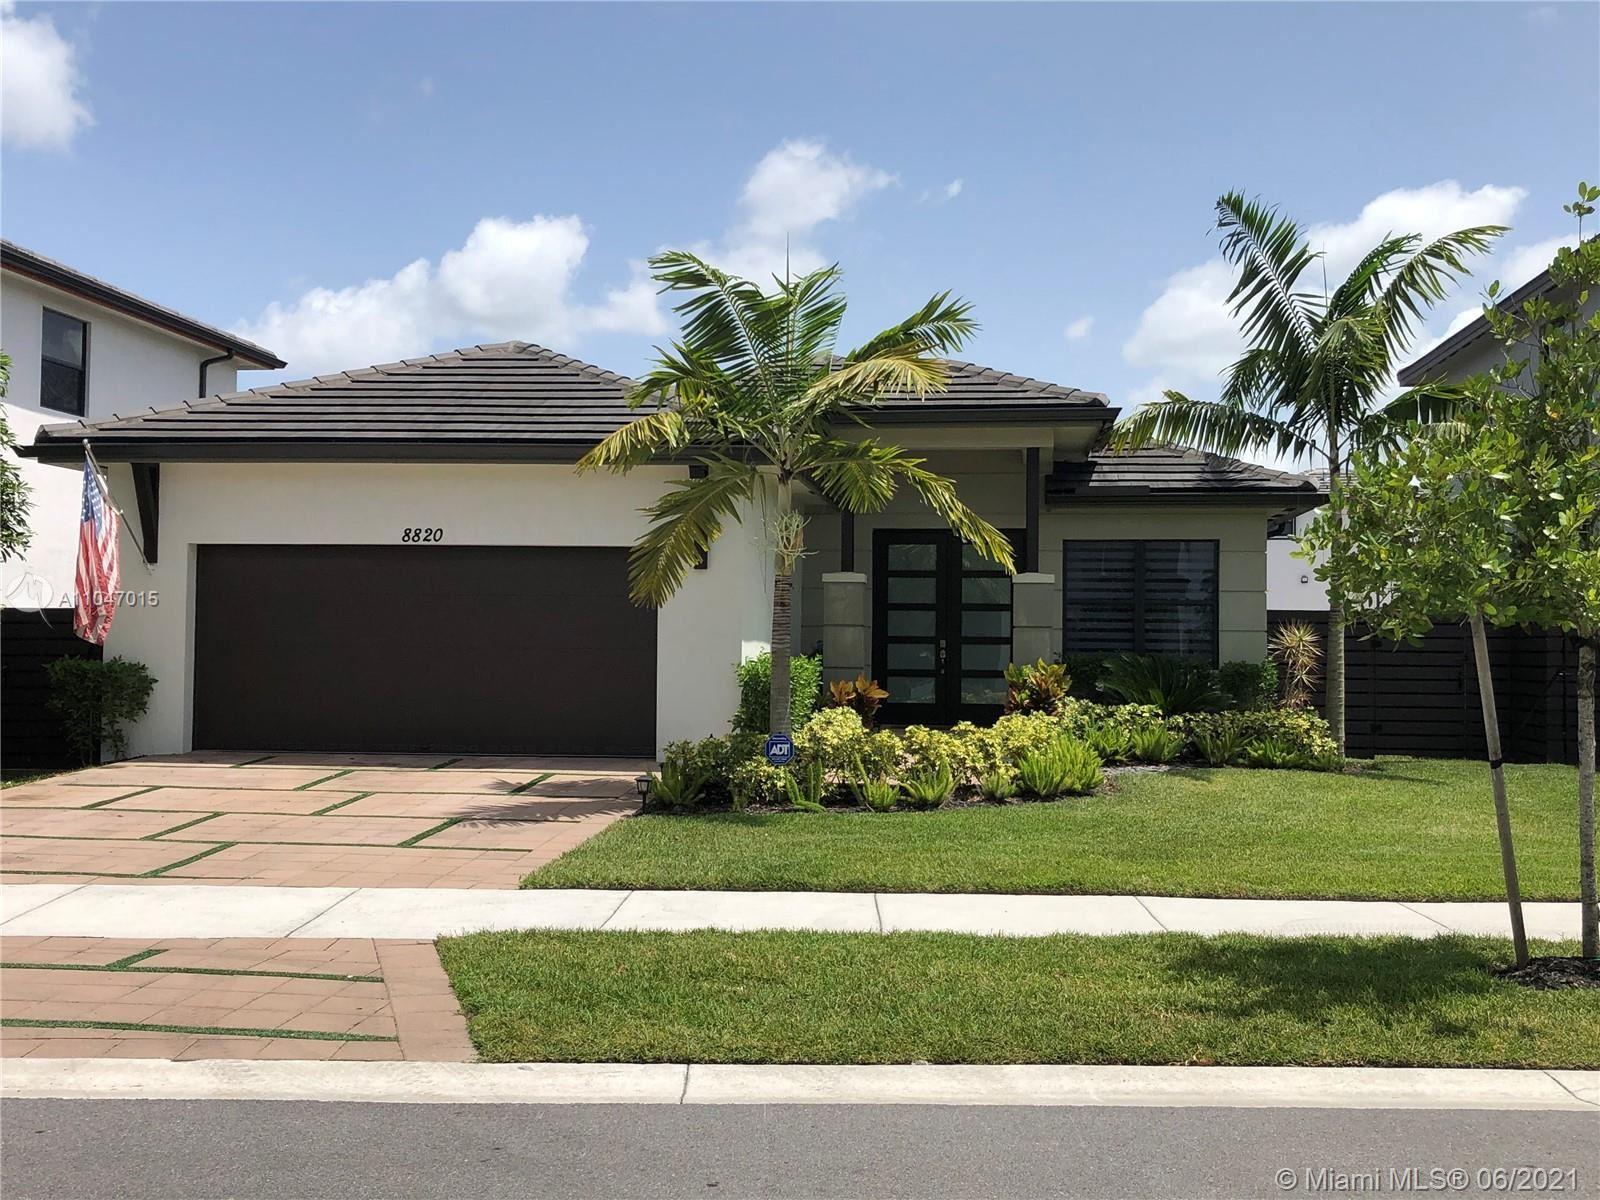 8820 NW 155th Ter, Miami Lakes, FL 33018 - #: A11047015